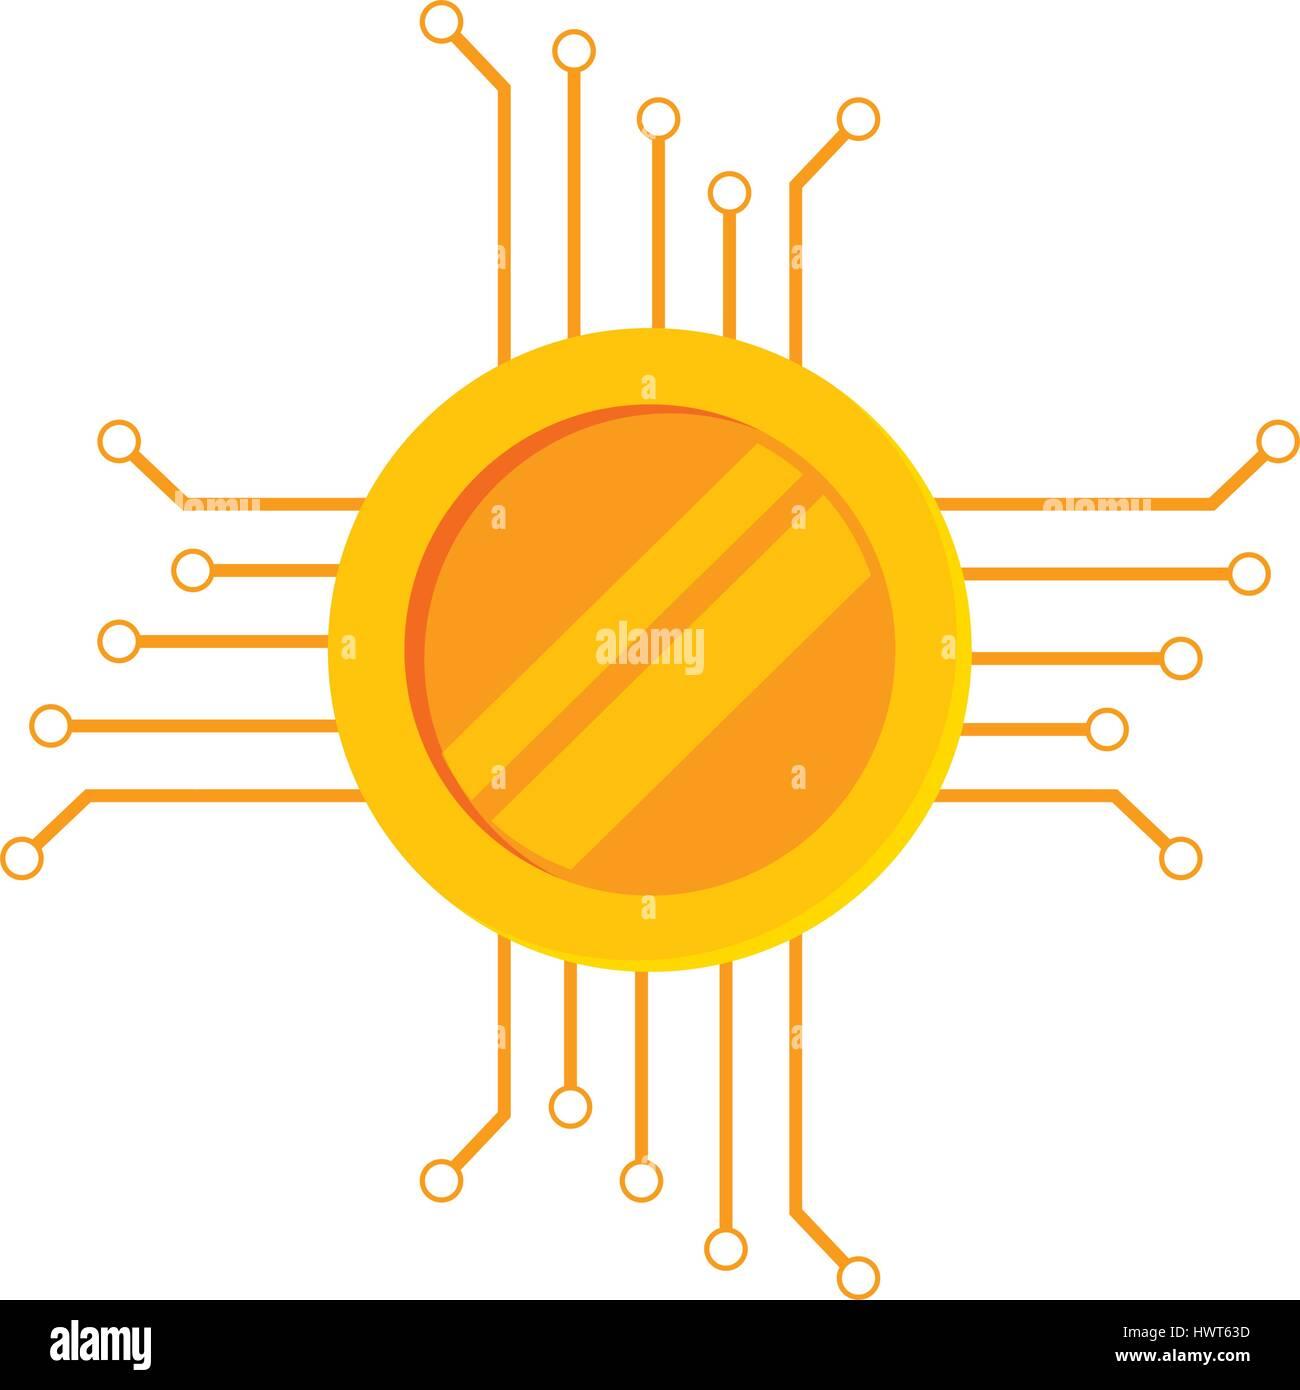 Münze mit elektrischer Schaltung Symbol Vektor Abbildung - Bild ...